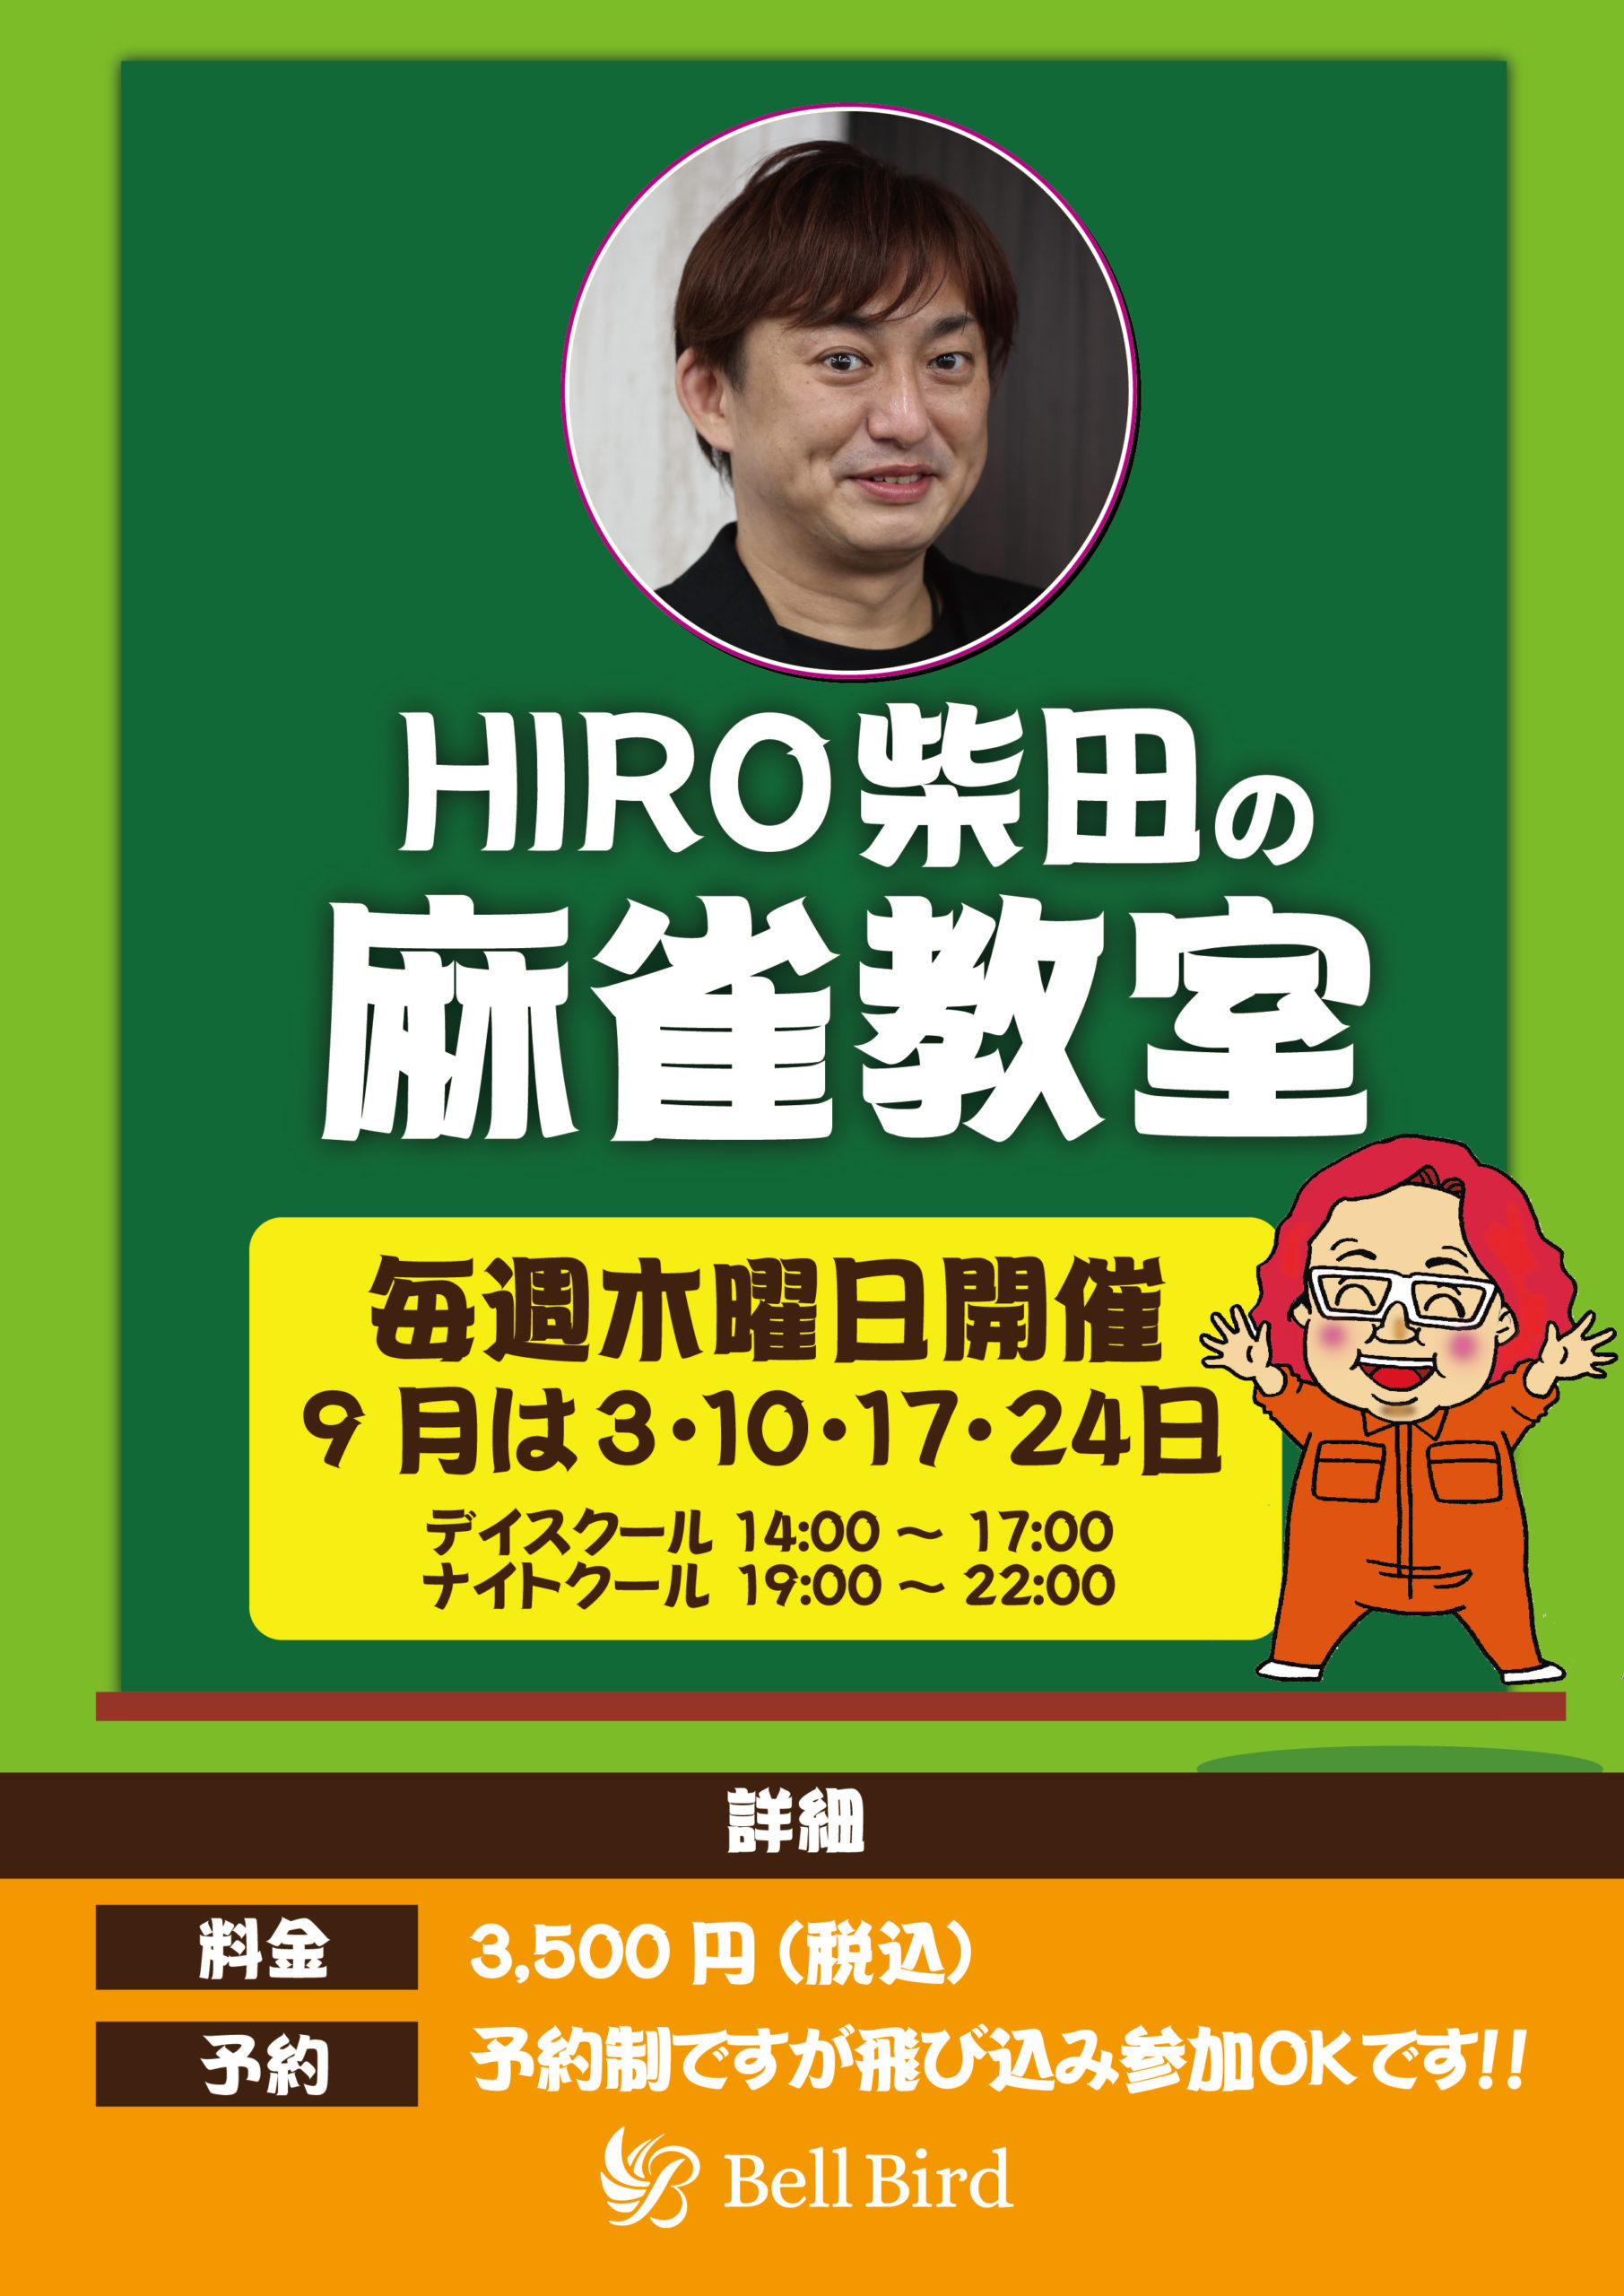 HIRO柴田_202009